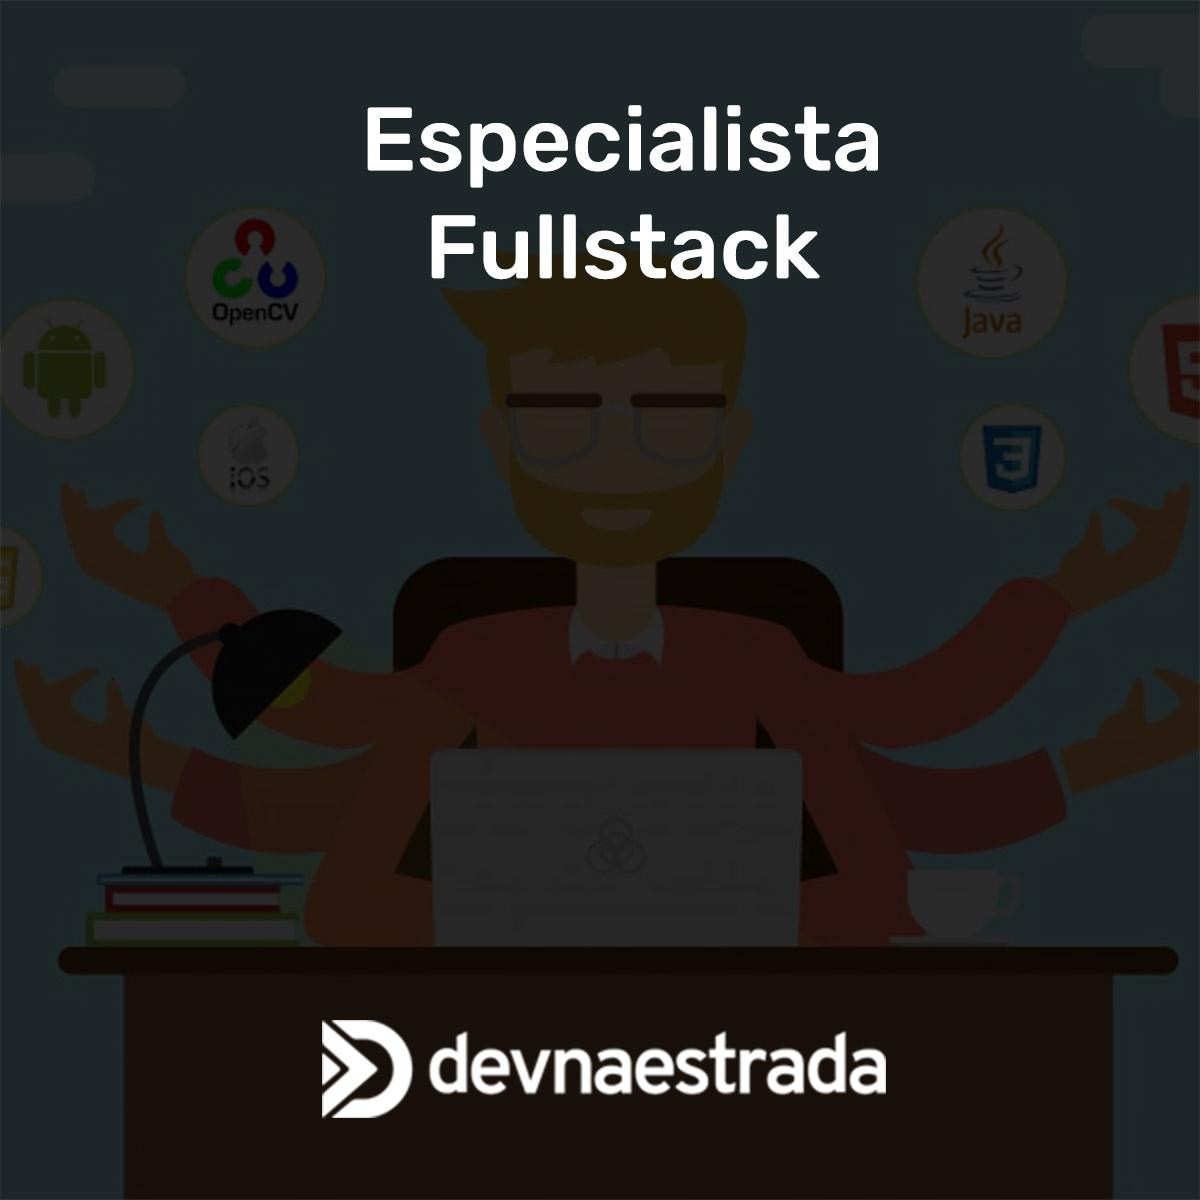 Especialista full-stack